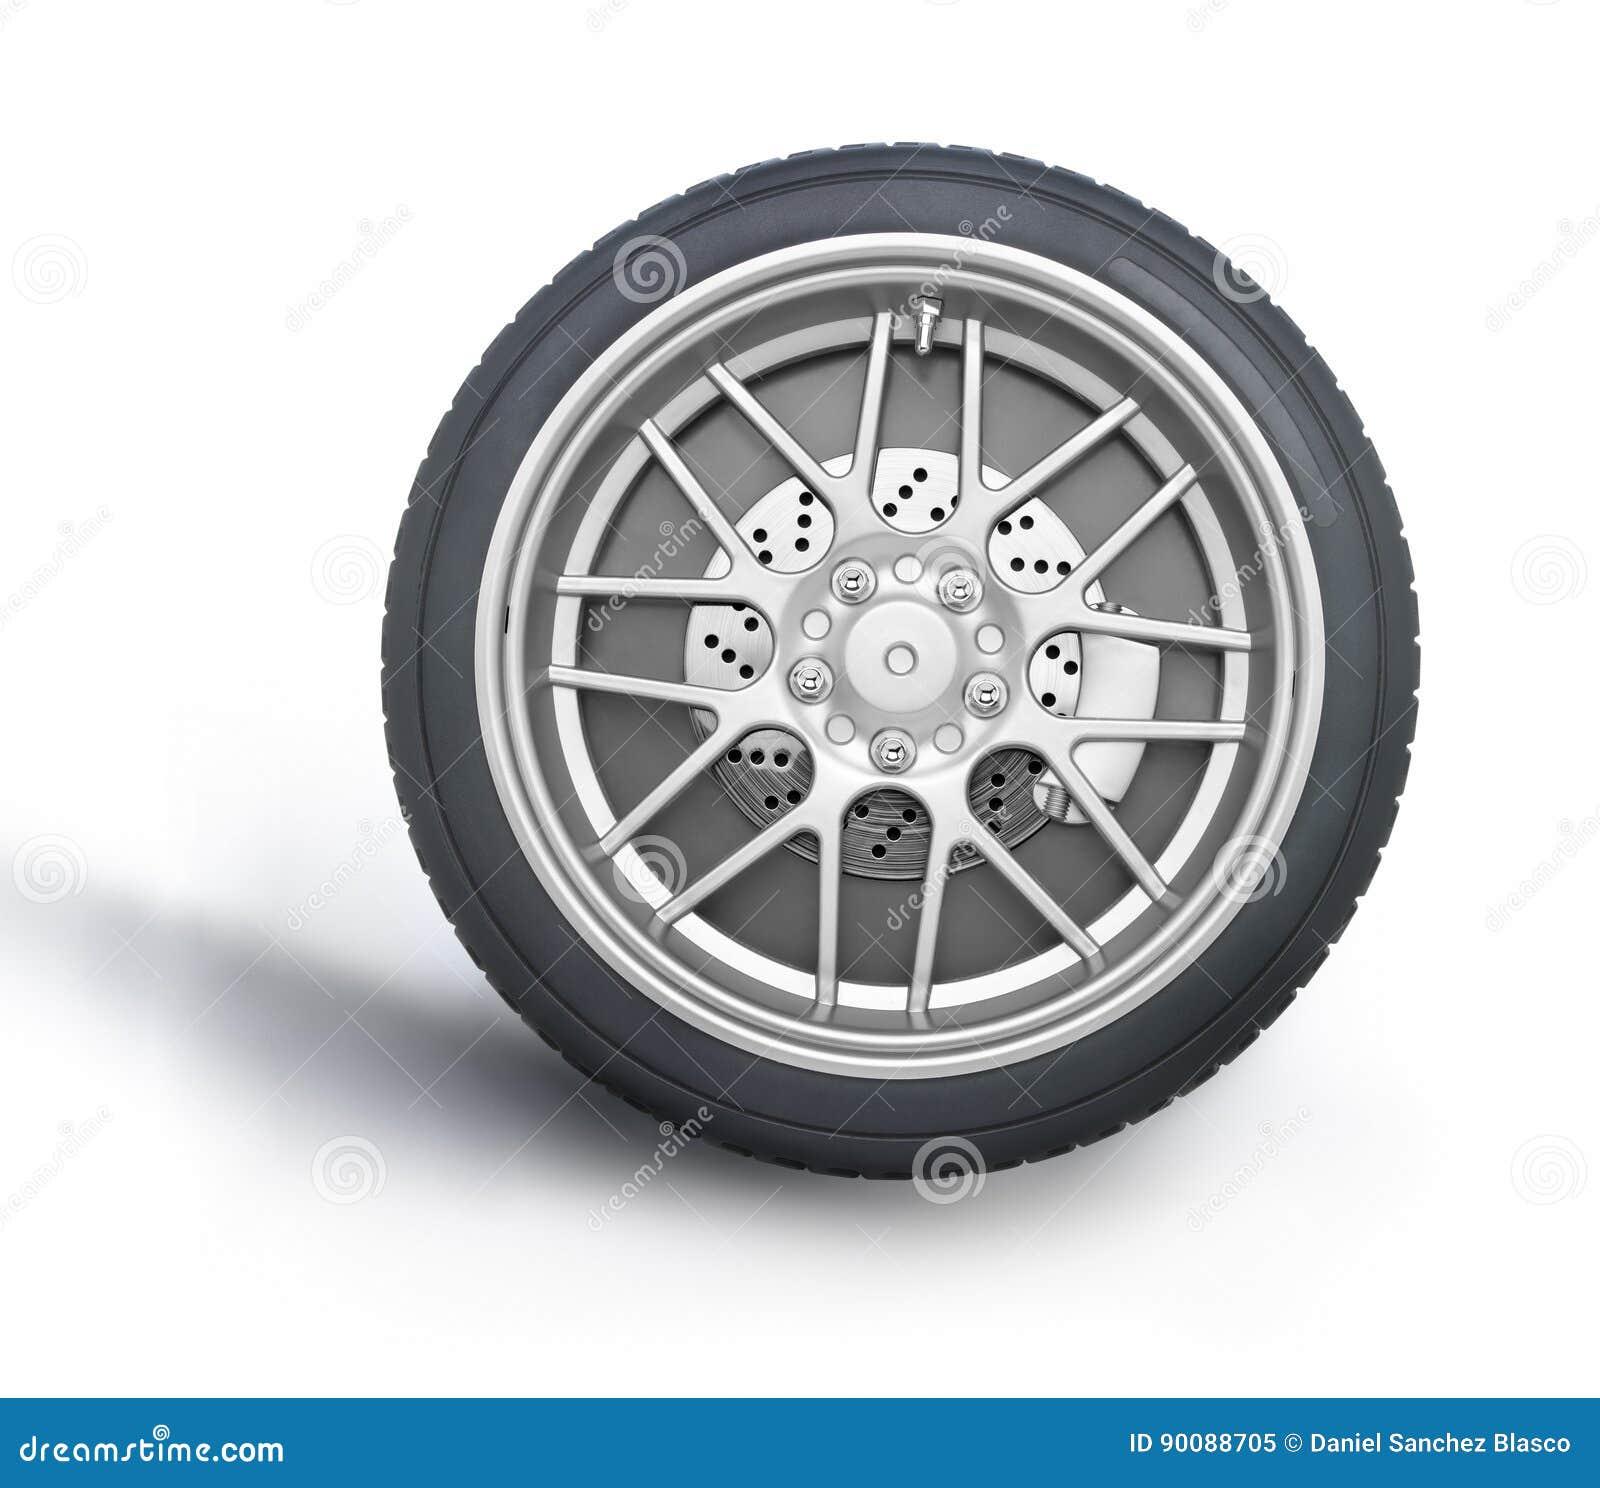 roue de voiture sur le fond blanc image stock image 90088705. Black Bedroom Furniture Sets. Home Design Ideas